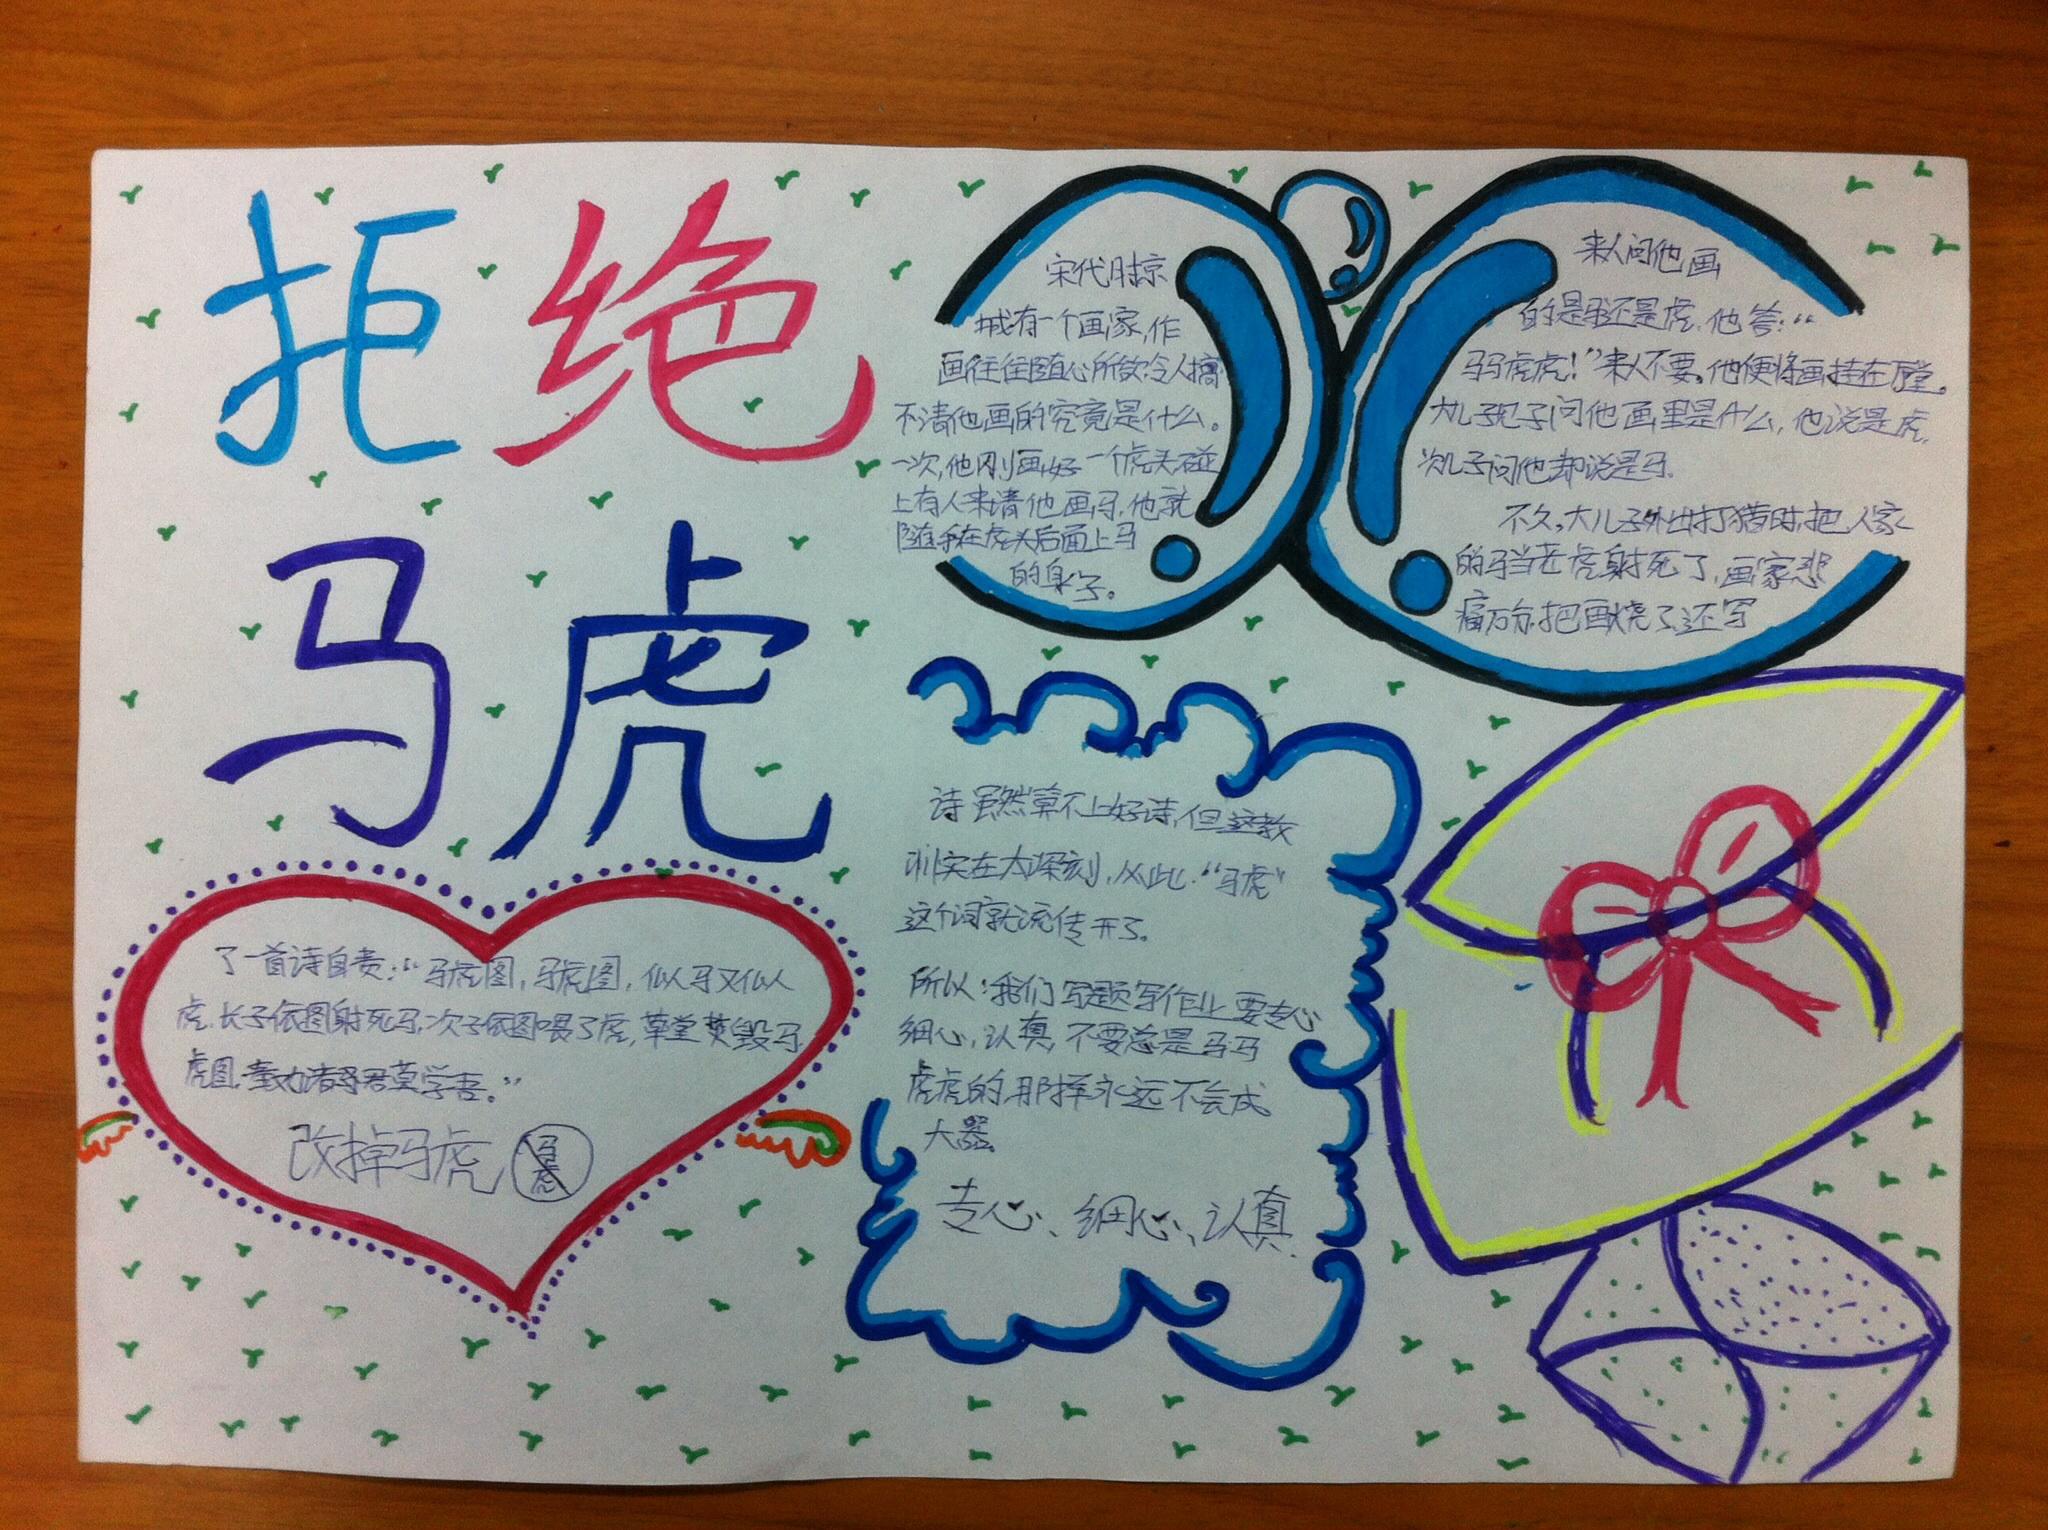 手抄报 - 【最新】2014年春节对联大征集活动